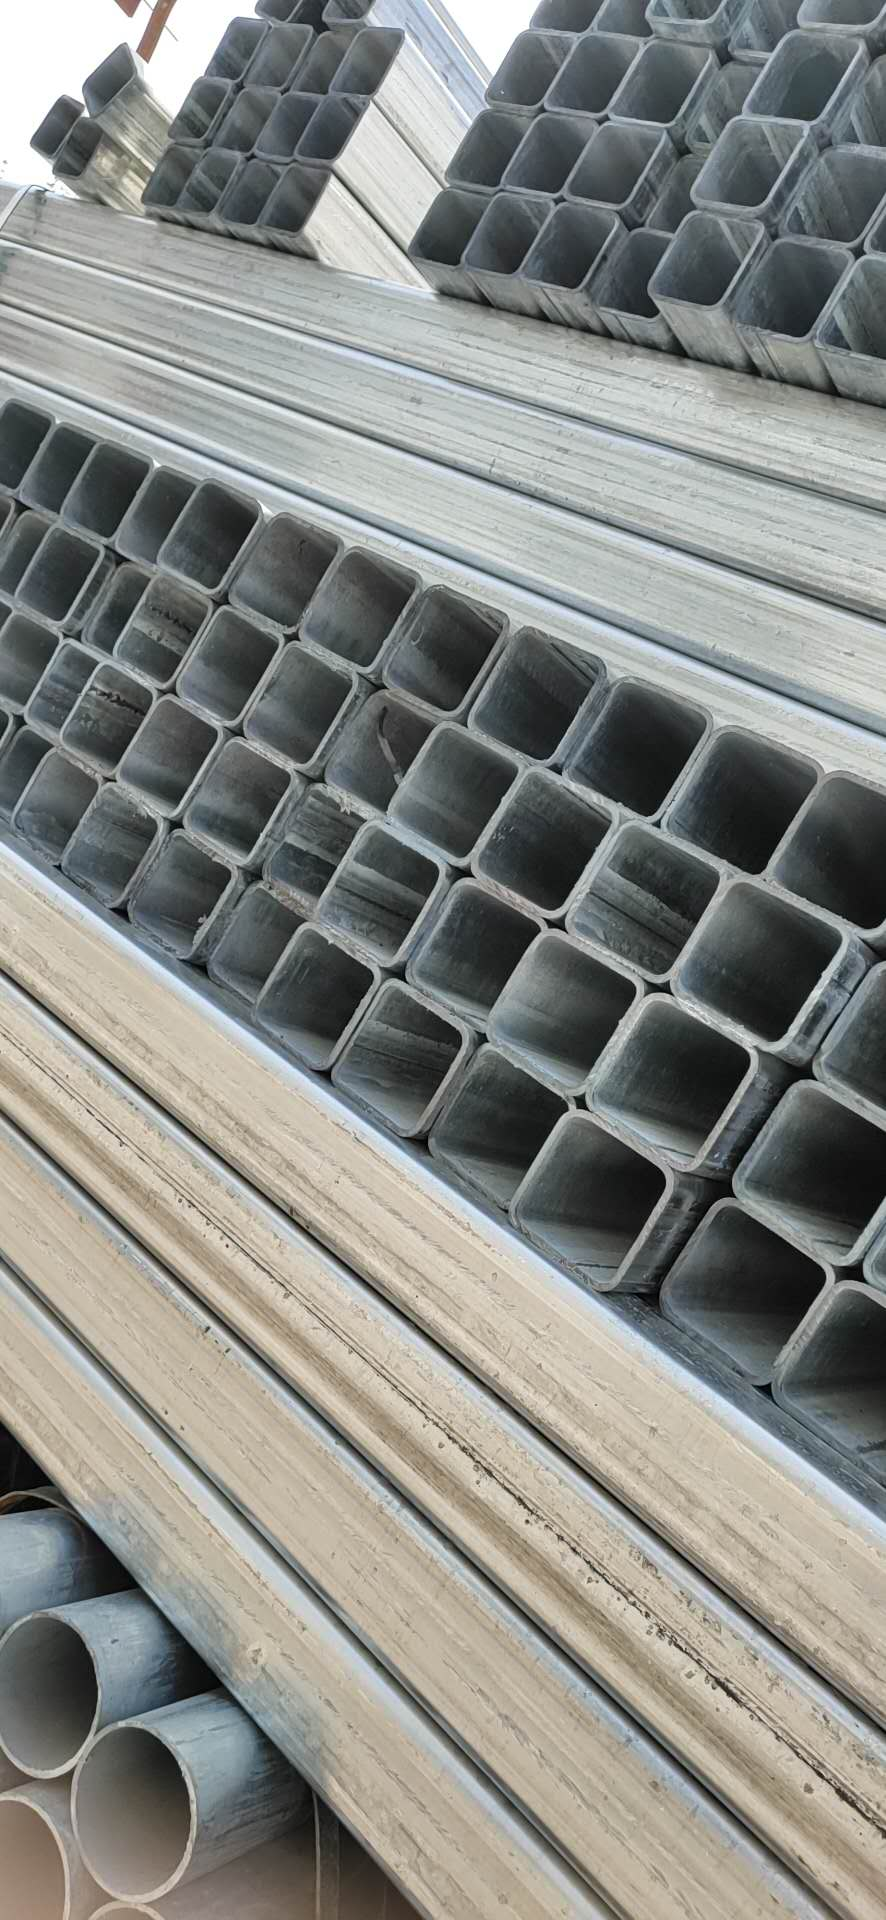 桂林市象山区波形梁护栏多少钱一米